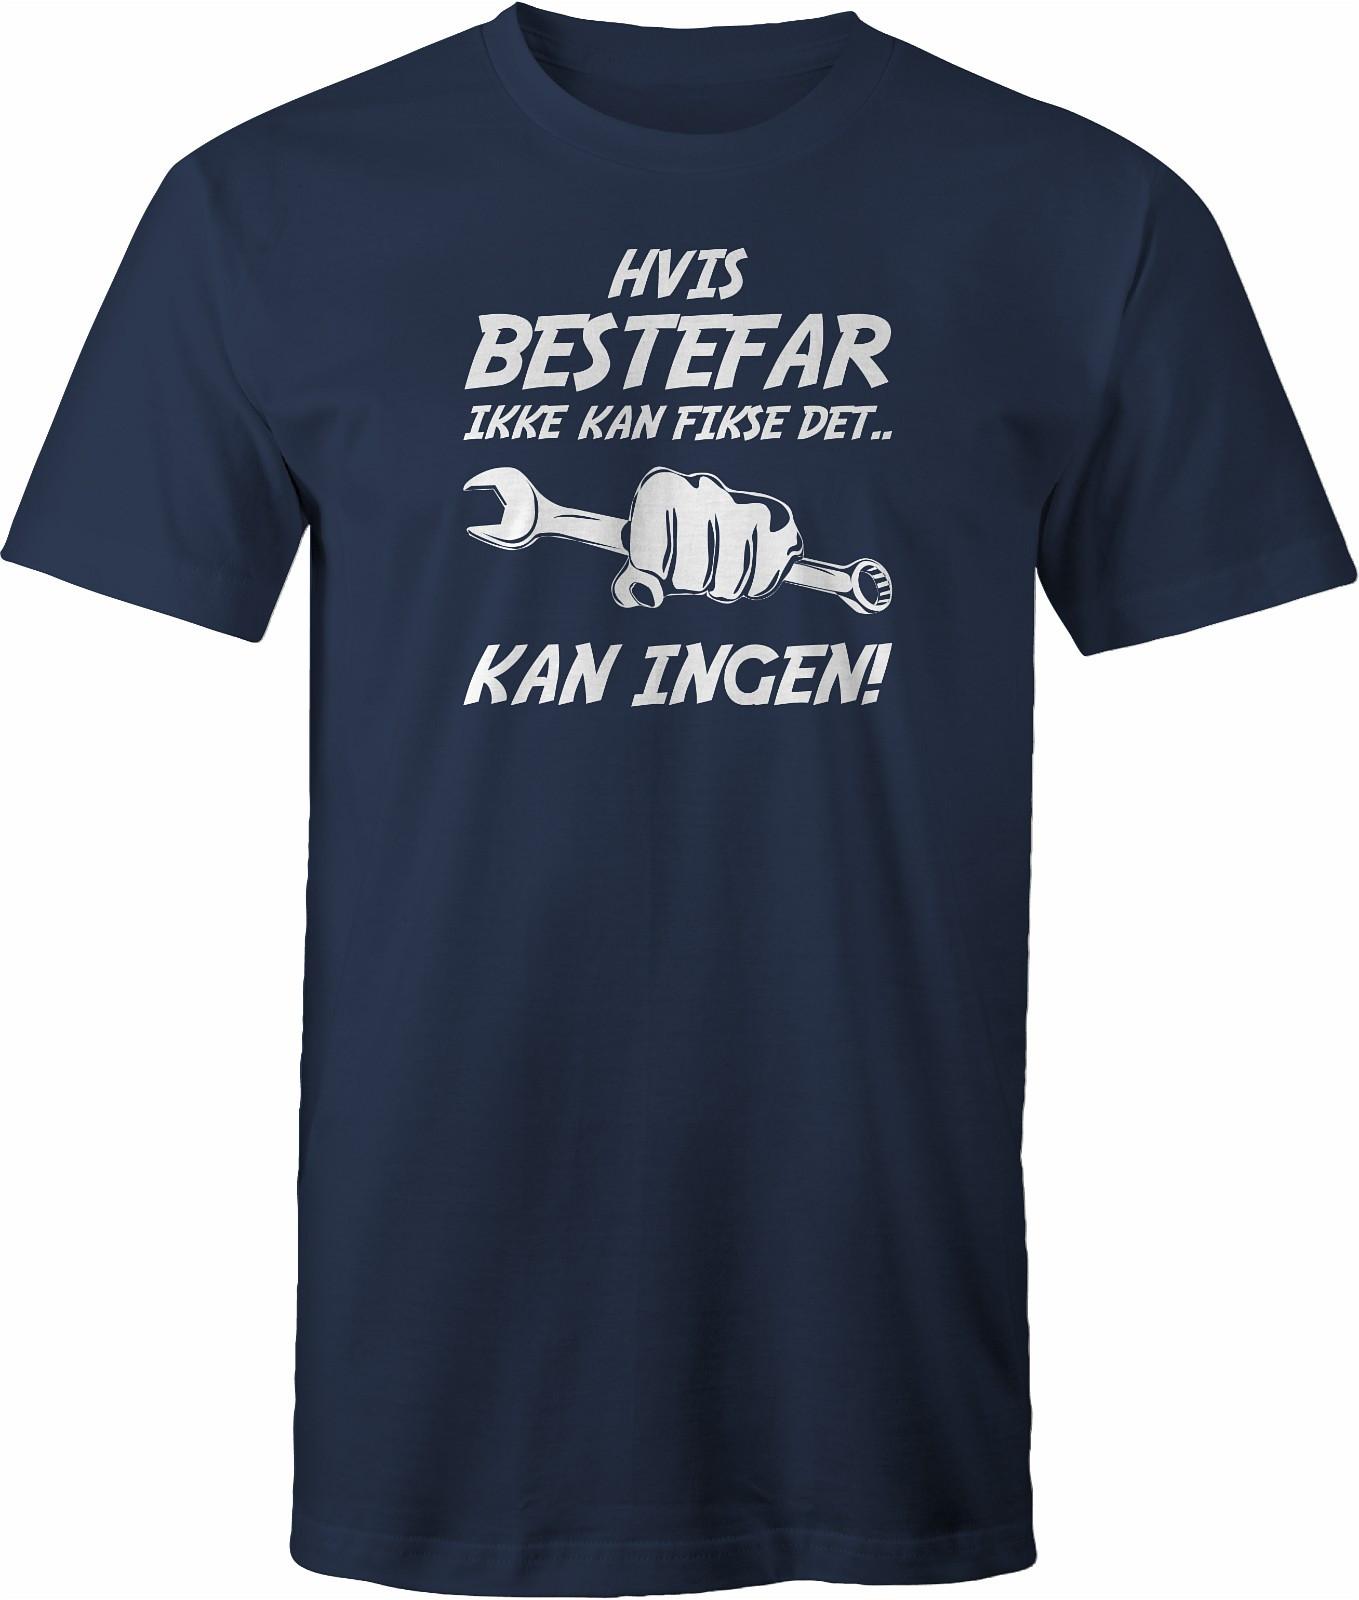 4725706d T-skjorte med unike og artige trykk | FINN.no